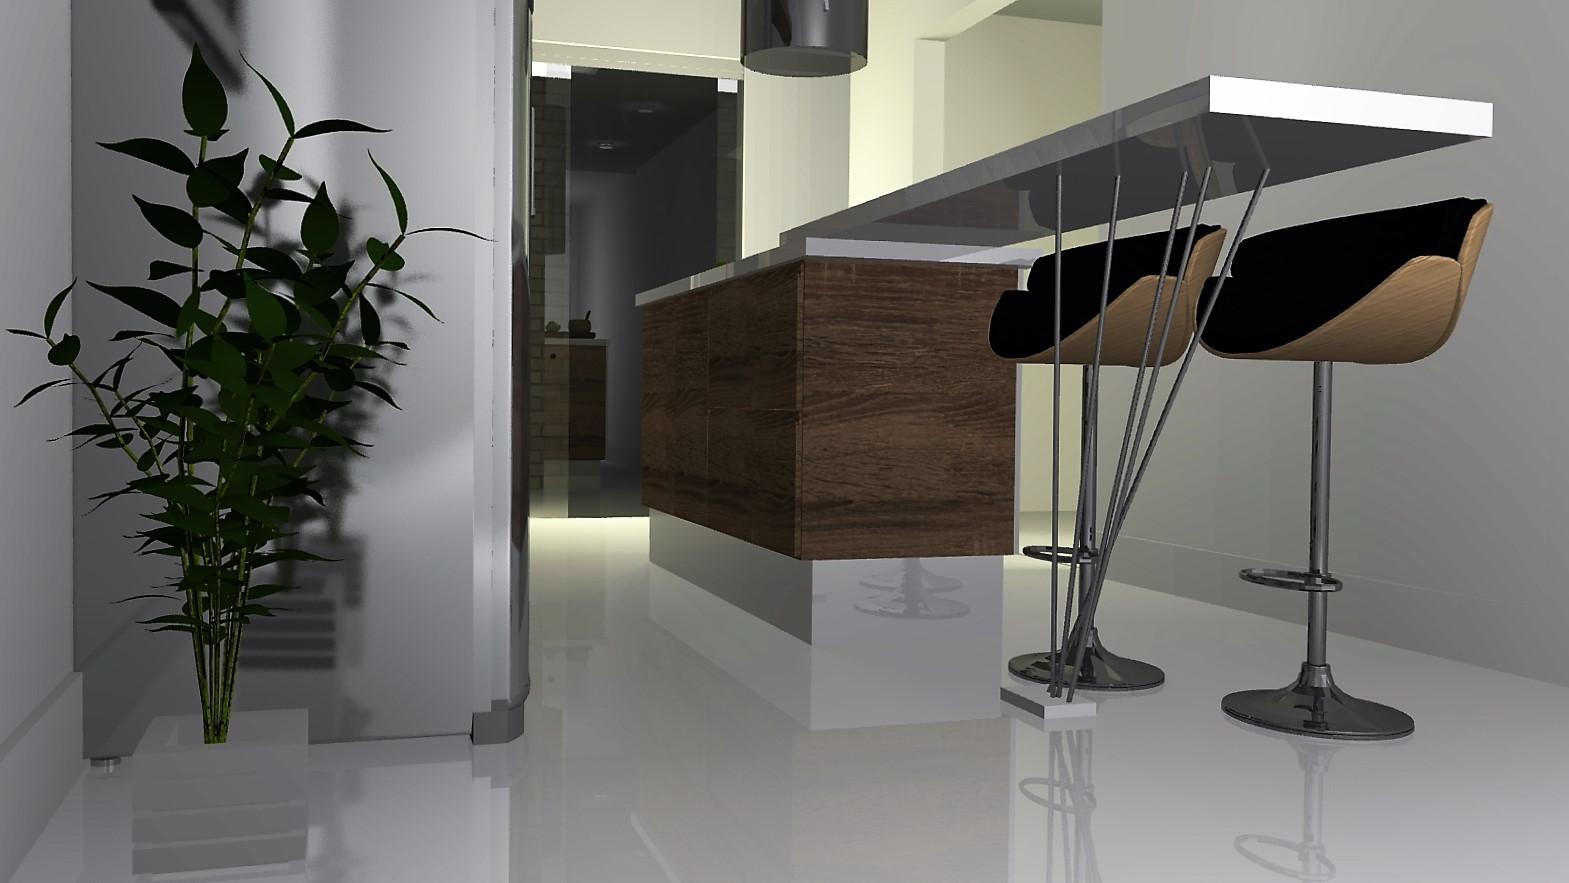 para banquetas e ilha para o fogão projeto por Murilo Zad designer de #5E4E3E 1569 883